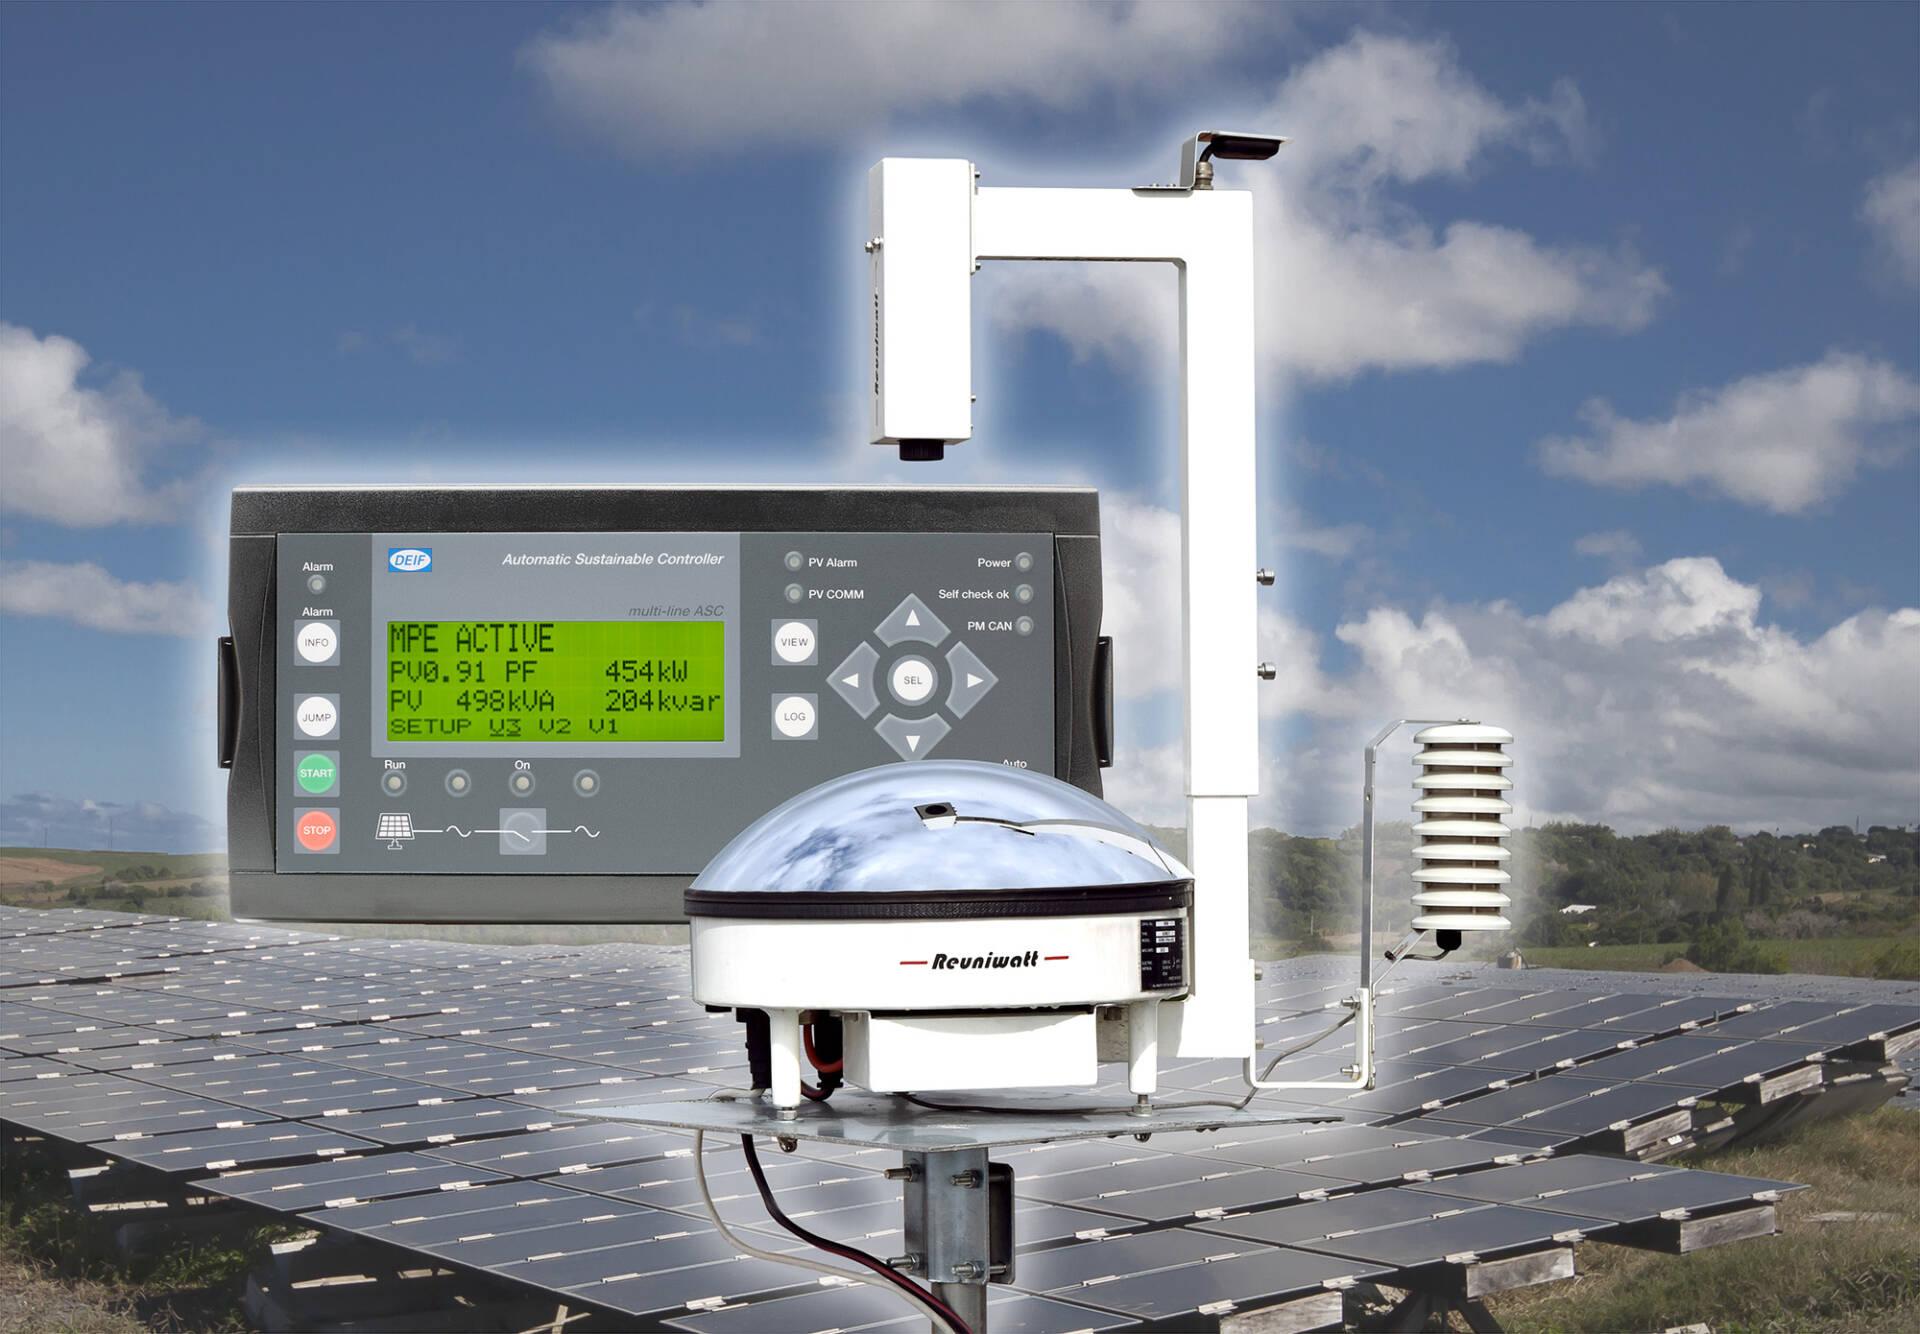 Les systèmes de contrôle de DEIF et les imageurs sol de Reuniwatt sont compatibles pour optimiser la consommation PV au sein de projets hybrides